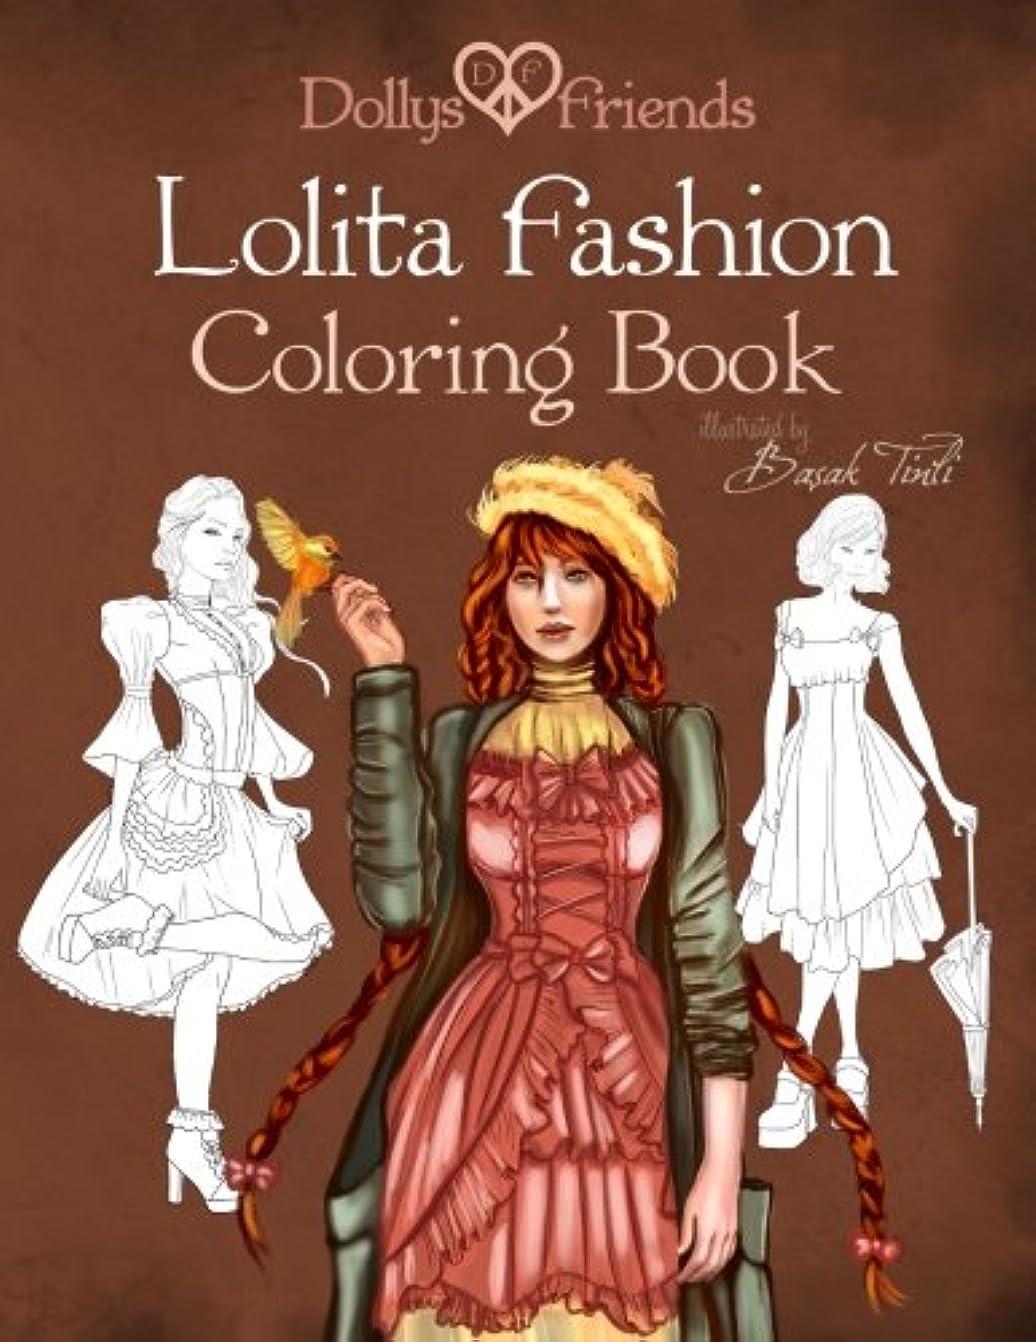 音キャラバン死にかけているLolita Fashion Coloring Book Dollys and Friends (Dollys and Friends Coloring Books)